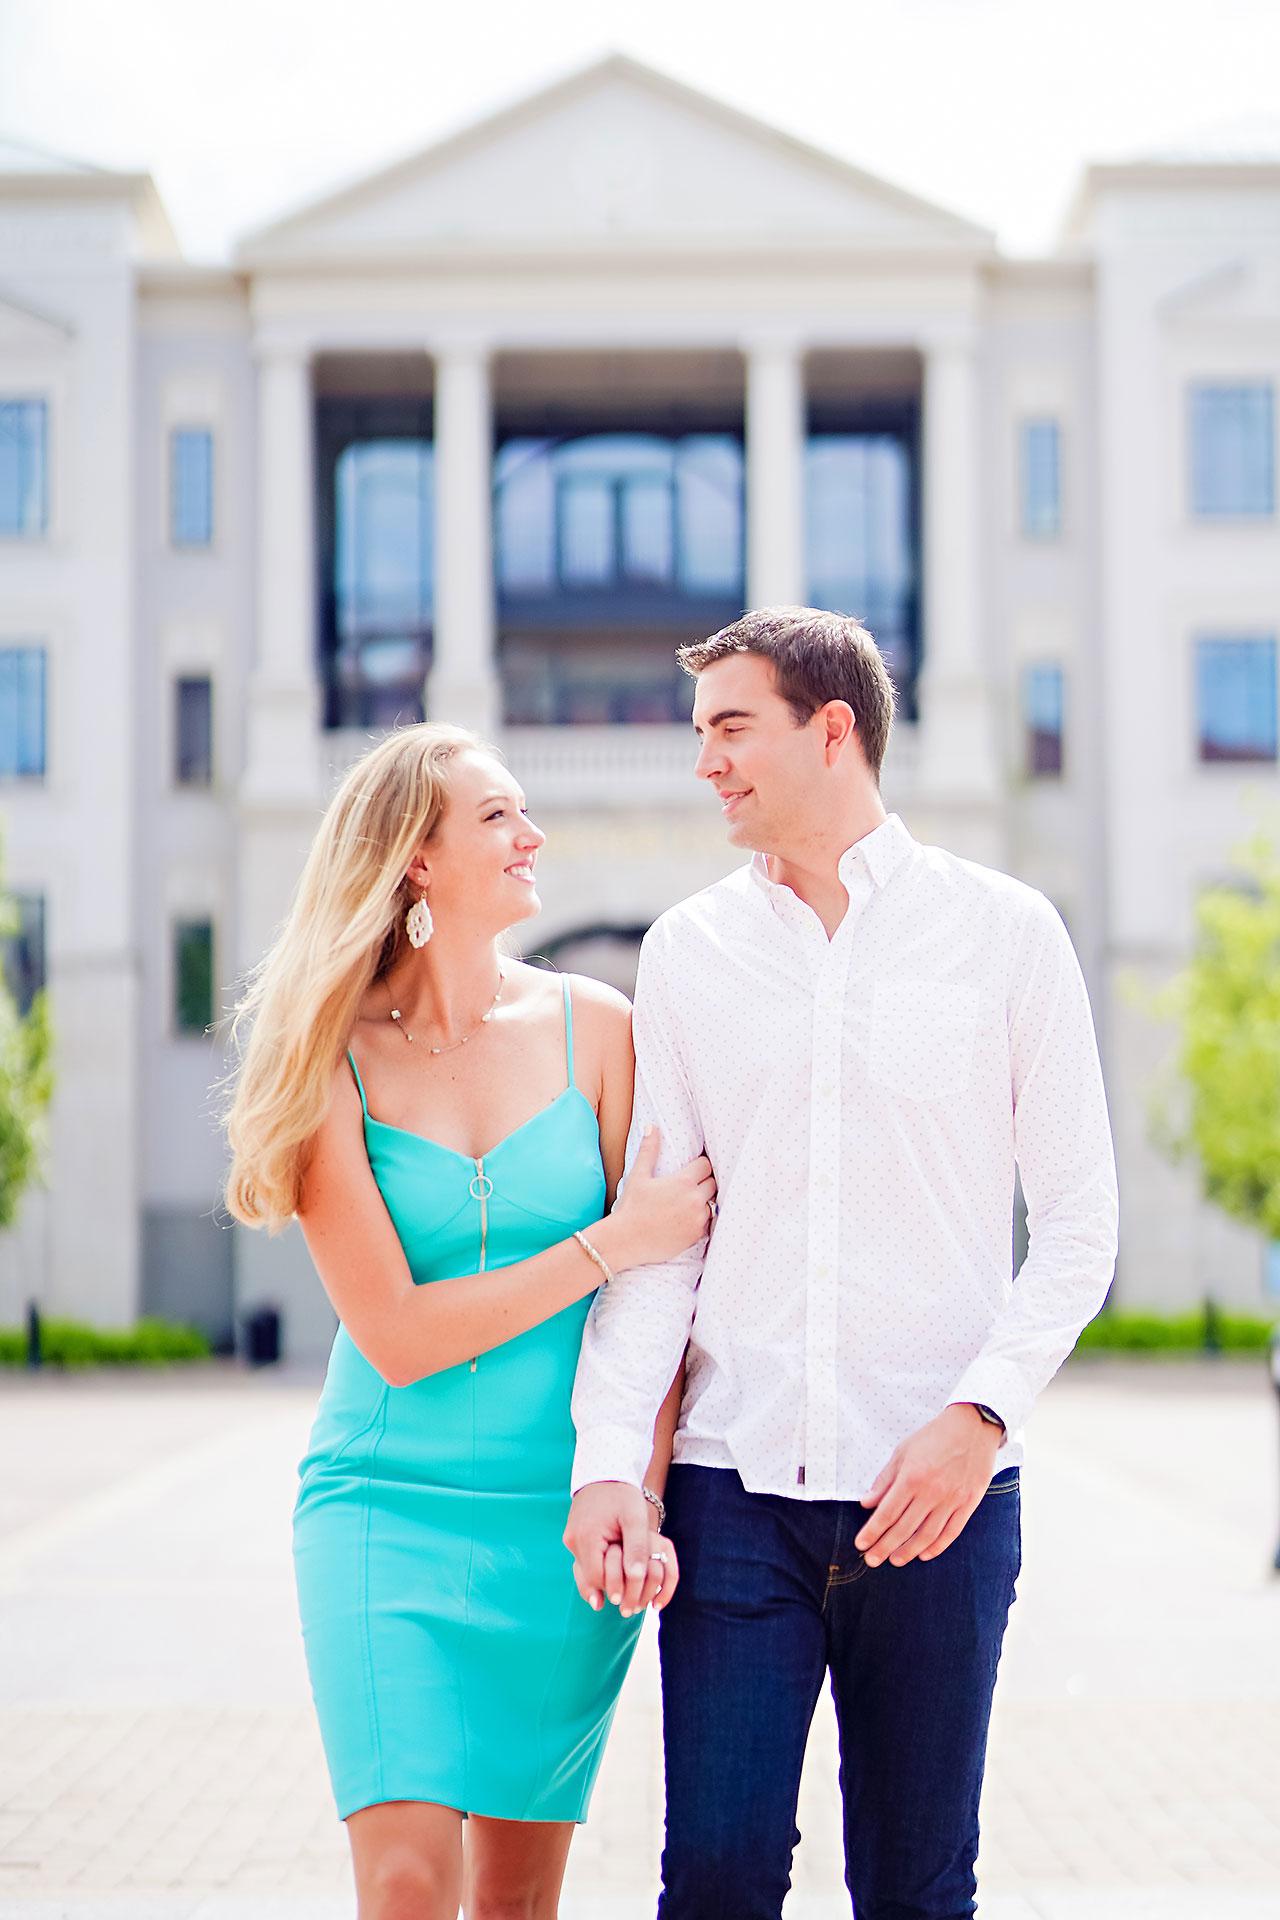 Liz Zach Midtown Carmel Engagement Session 099